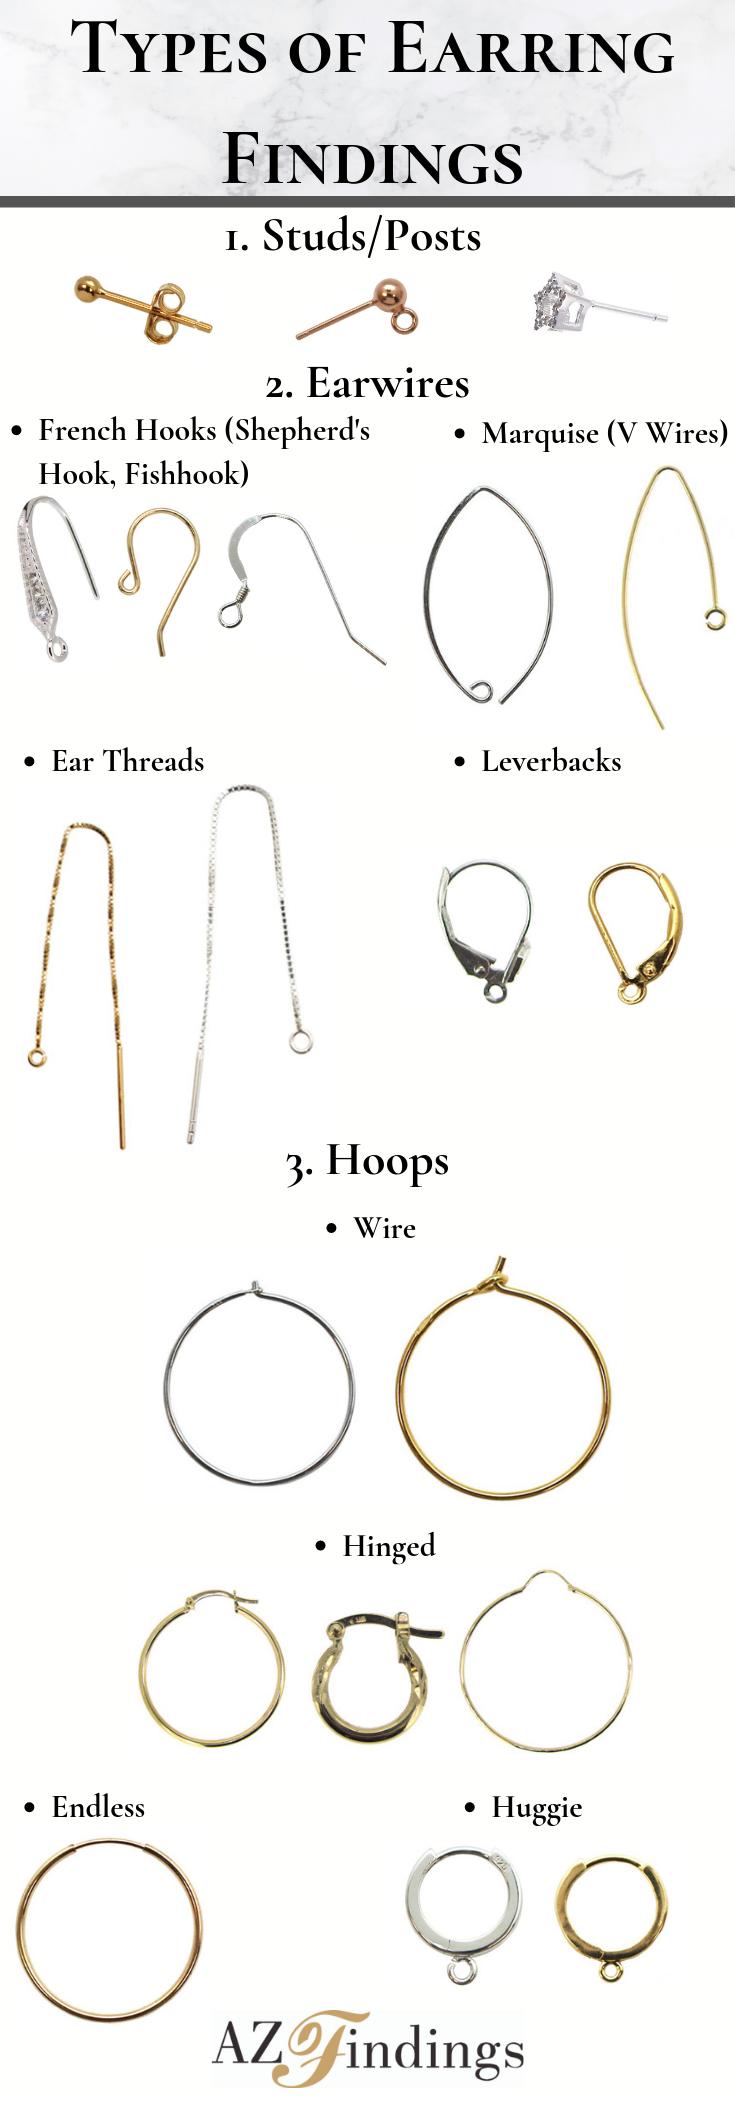 10 Brass Huggie Hoop Earring Findings w// 2-Loops Leverback Earwire 18K Gold 14mm